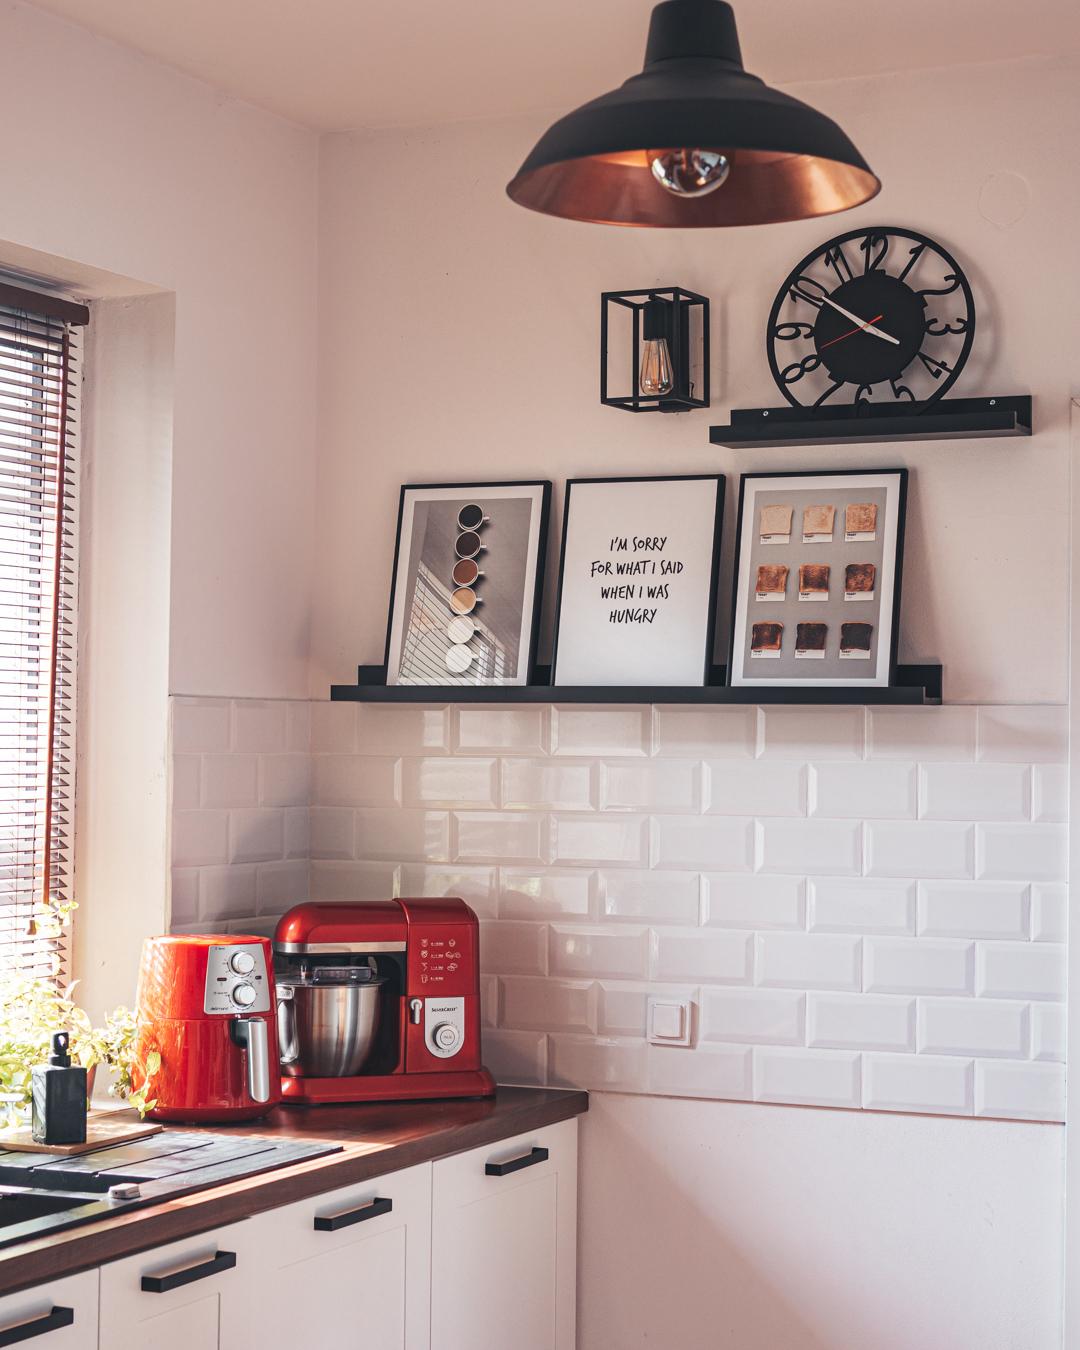 kuchnia plakaty z Poster Store